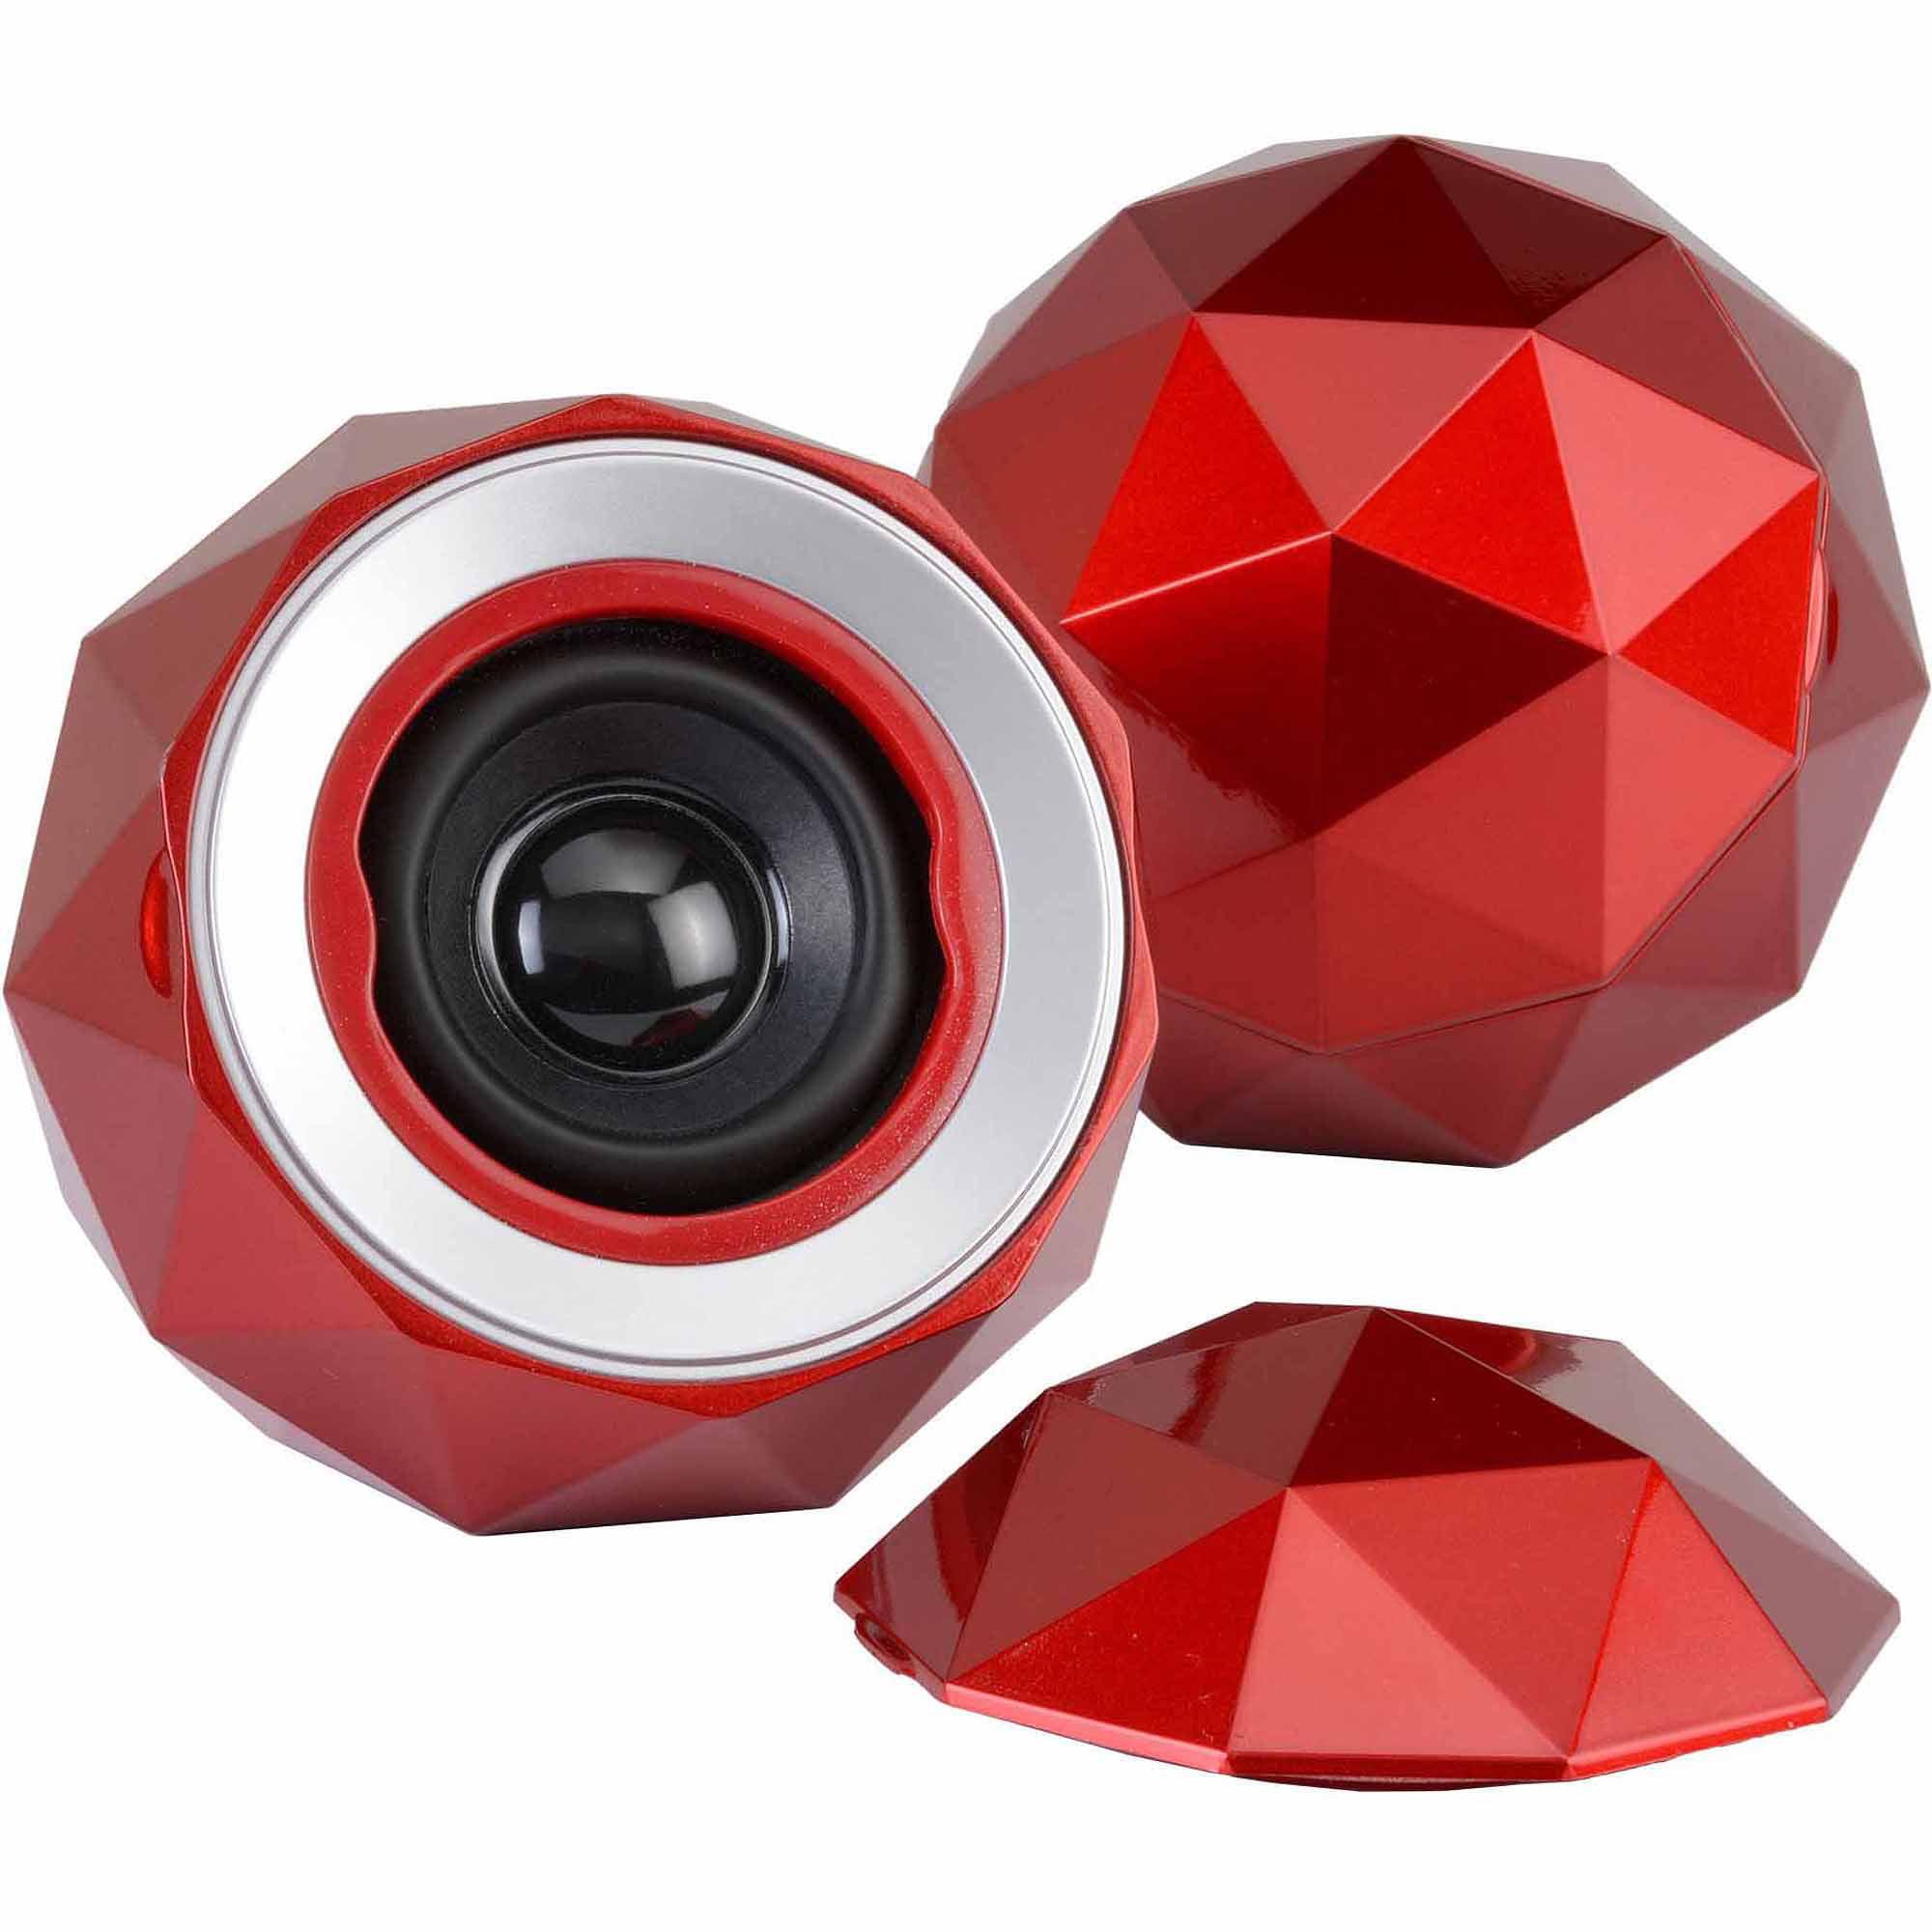 Digital Treasures PowerBall X2 Speakers, Red